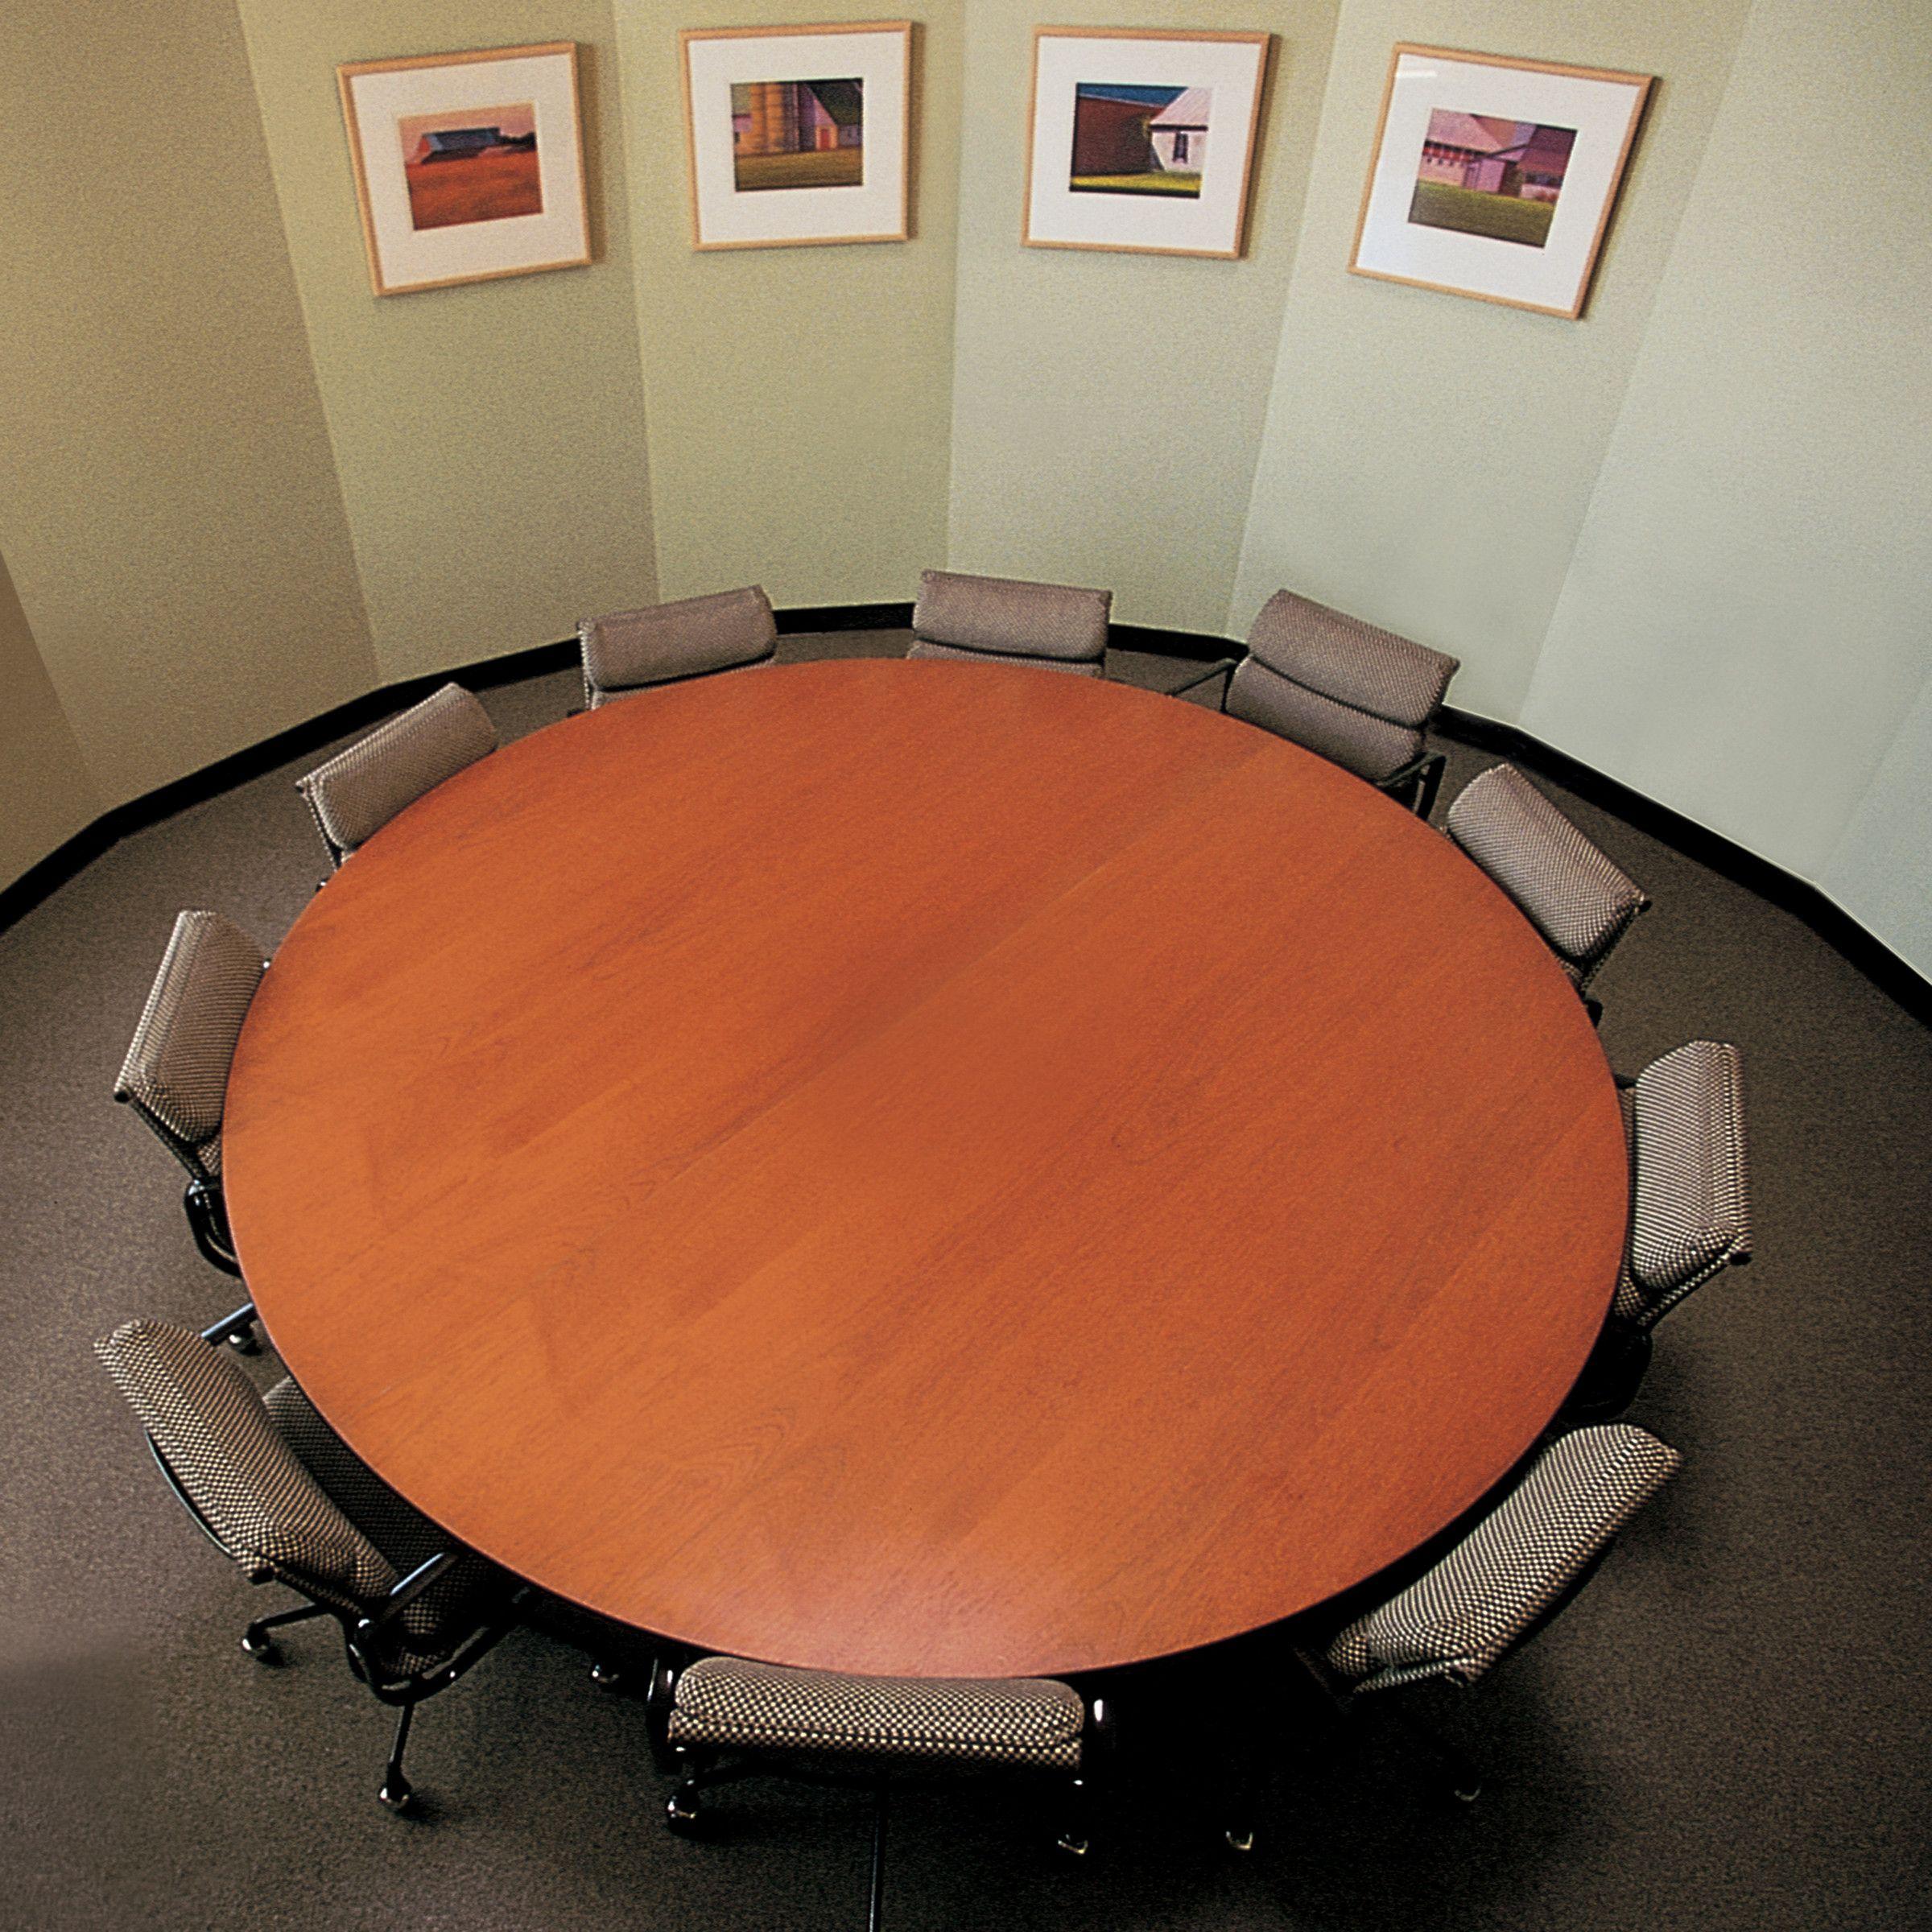 Eames Table and Soft Pad Group Chairs. Elegancia, comodidad y estilo en un mismo lugar. Solo en Mober